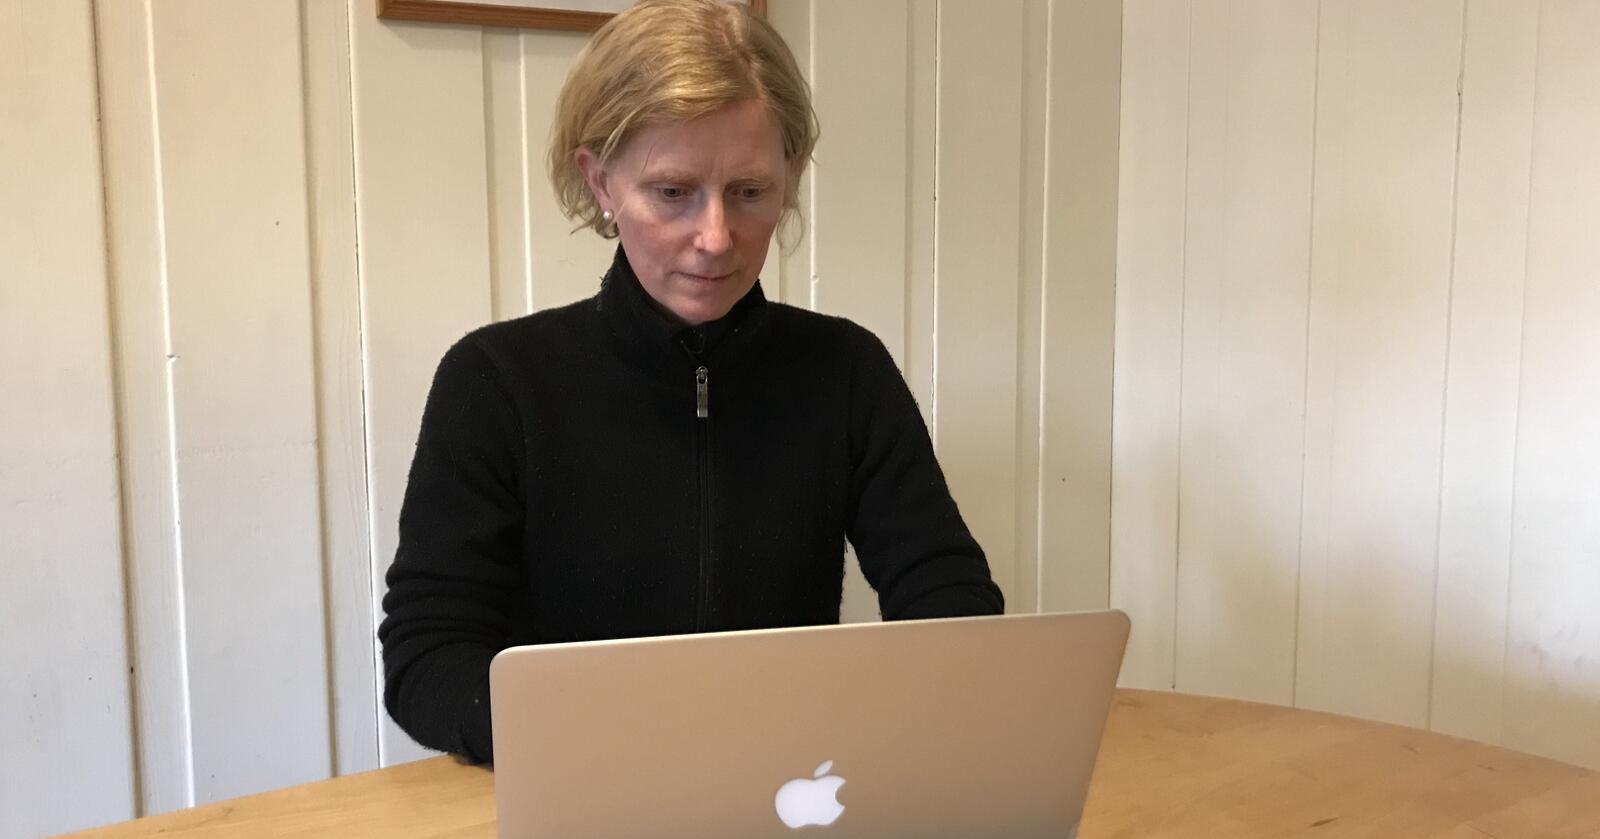 Uoversiktlig: Melkeprodusent Bergljot Hedda Lunde i Etnedal i Innlandet er oppgitt over manglende kompatibilitet mellom regnskapsprogrammet Duett og Eika nettbank. (Foto: Privat)